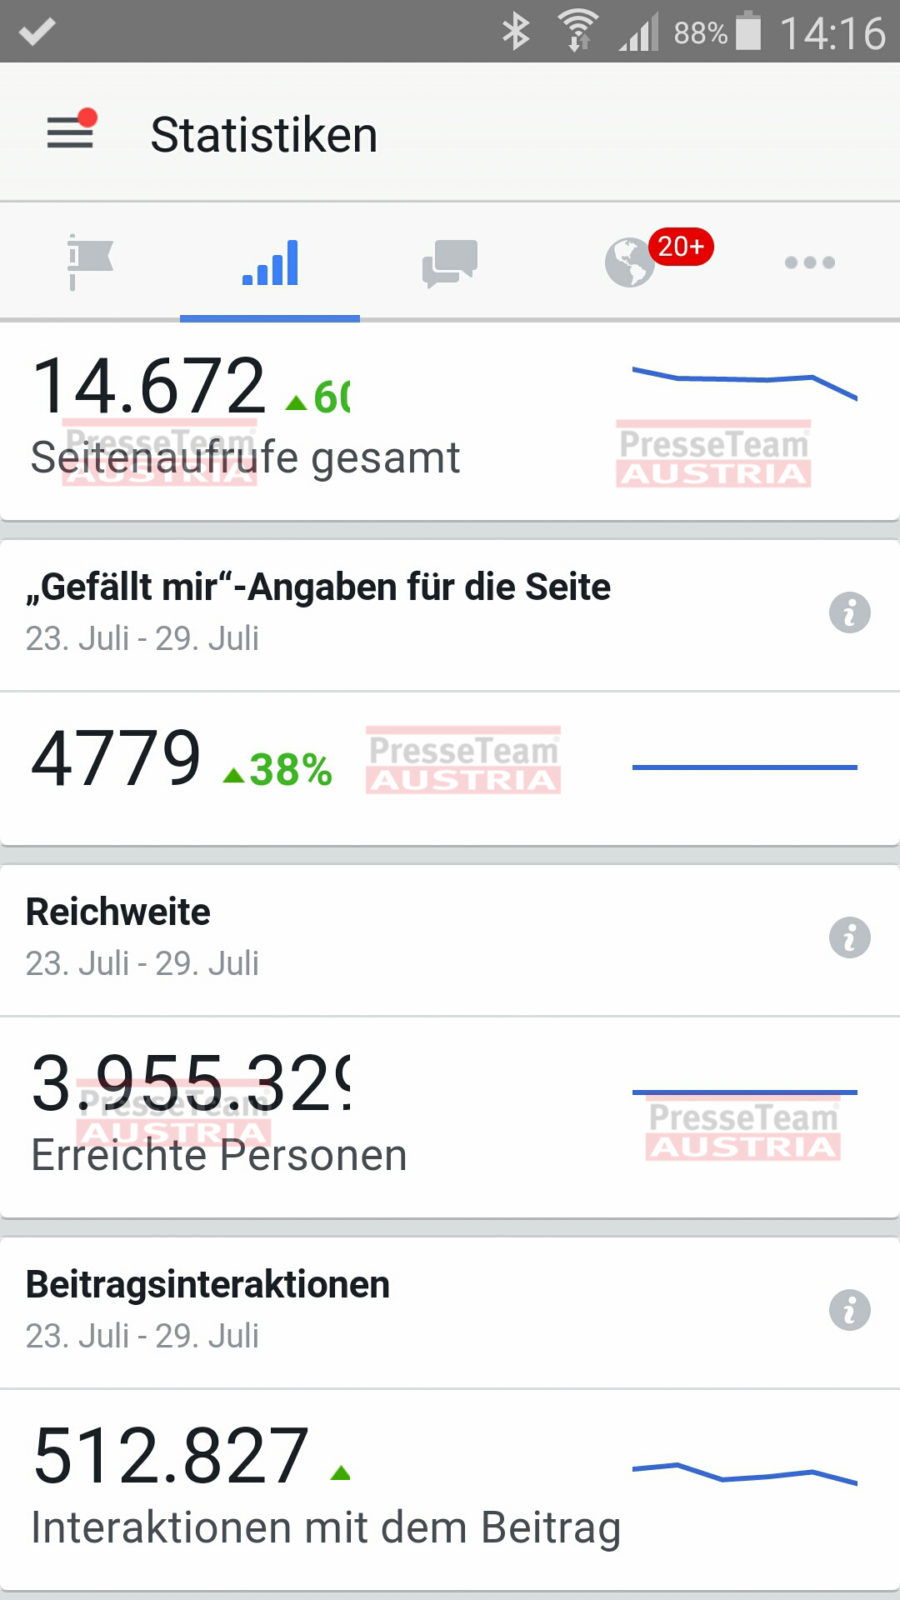 Facebook Marketing Schulung 68 - 10.730.101 Reichweite mit Facebook-Marketing: Der sichere Weg zu Ihrer Zielgruppe!